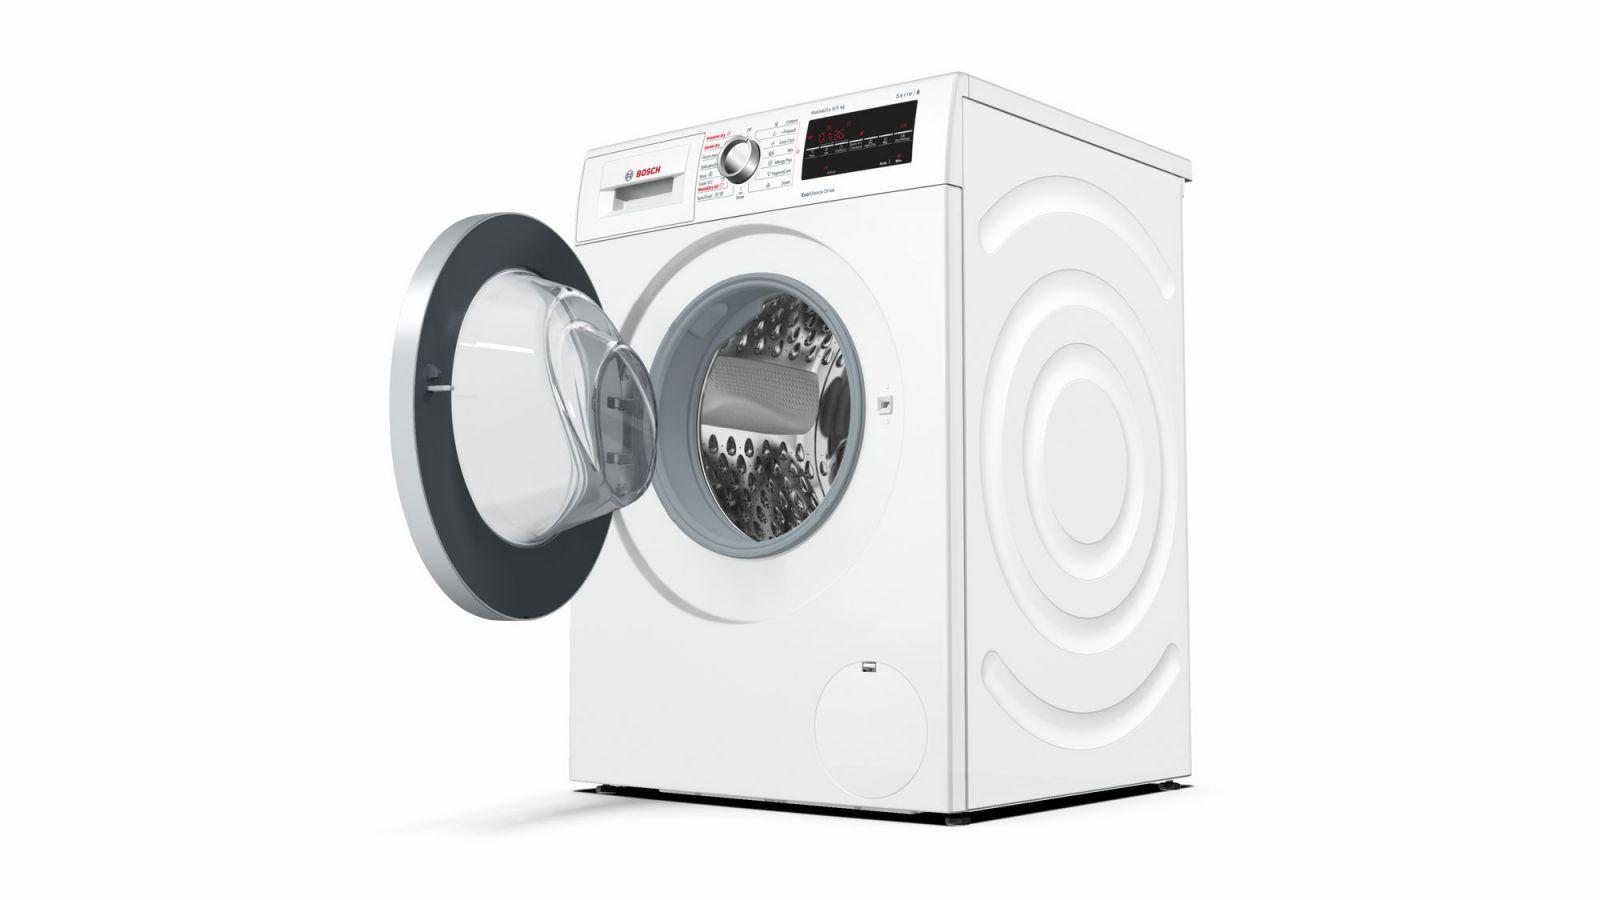 Máy giặt kết hợp sấy cửa trước HMH.WVG30462SG 1